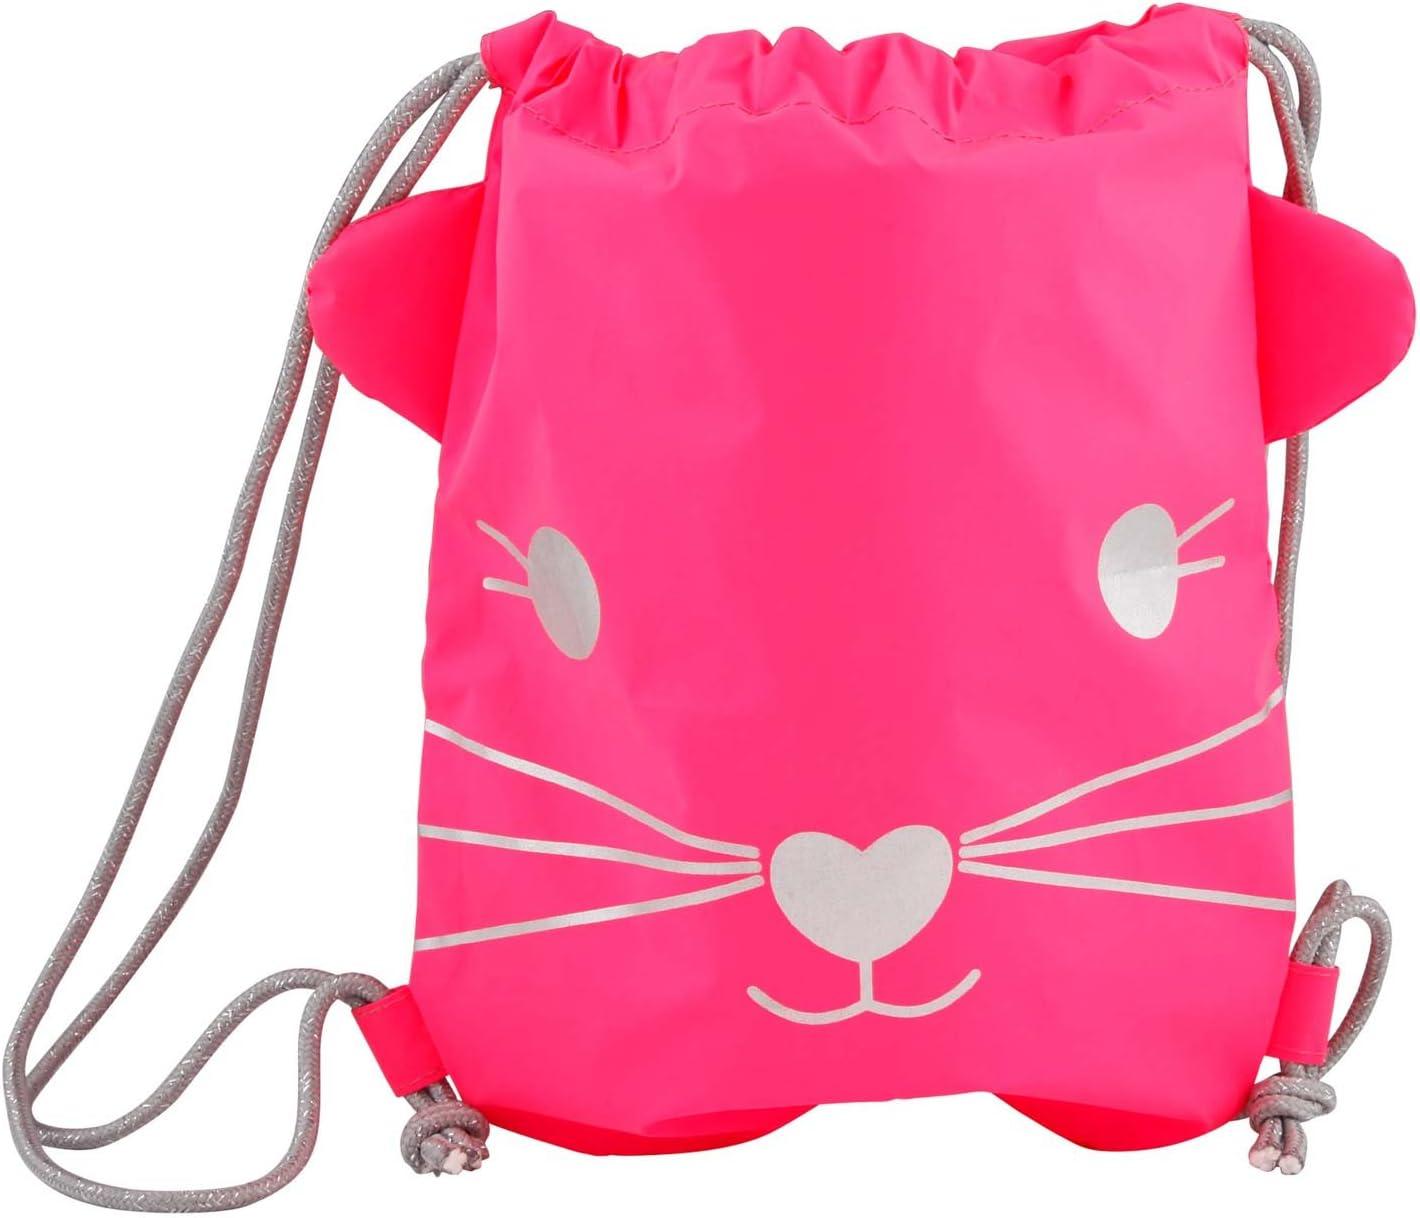 rosa Handarbeit Depesche 8545 Turnbeutel House of Mouse